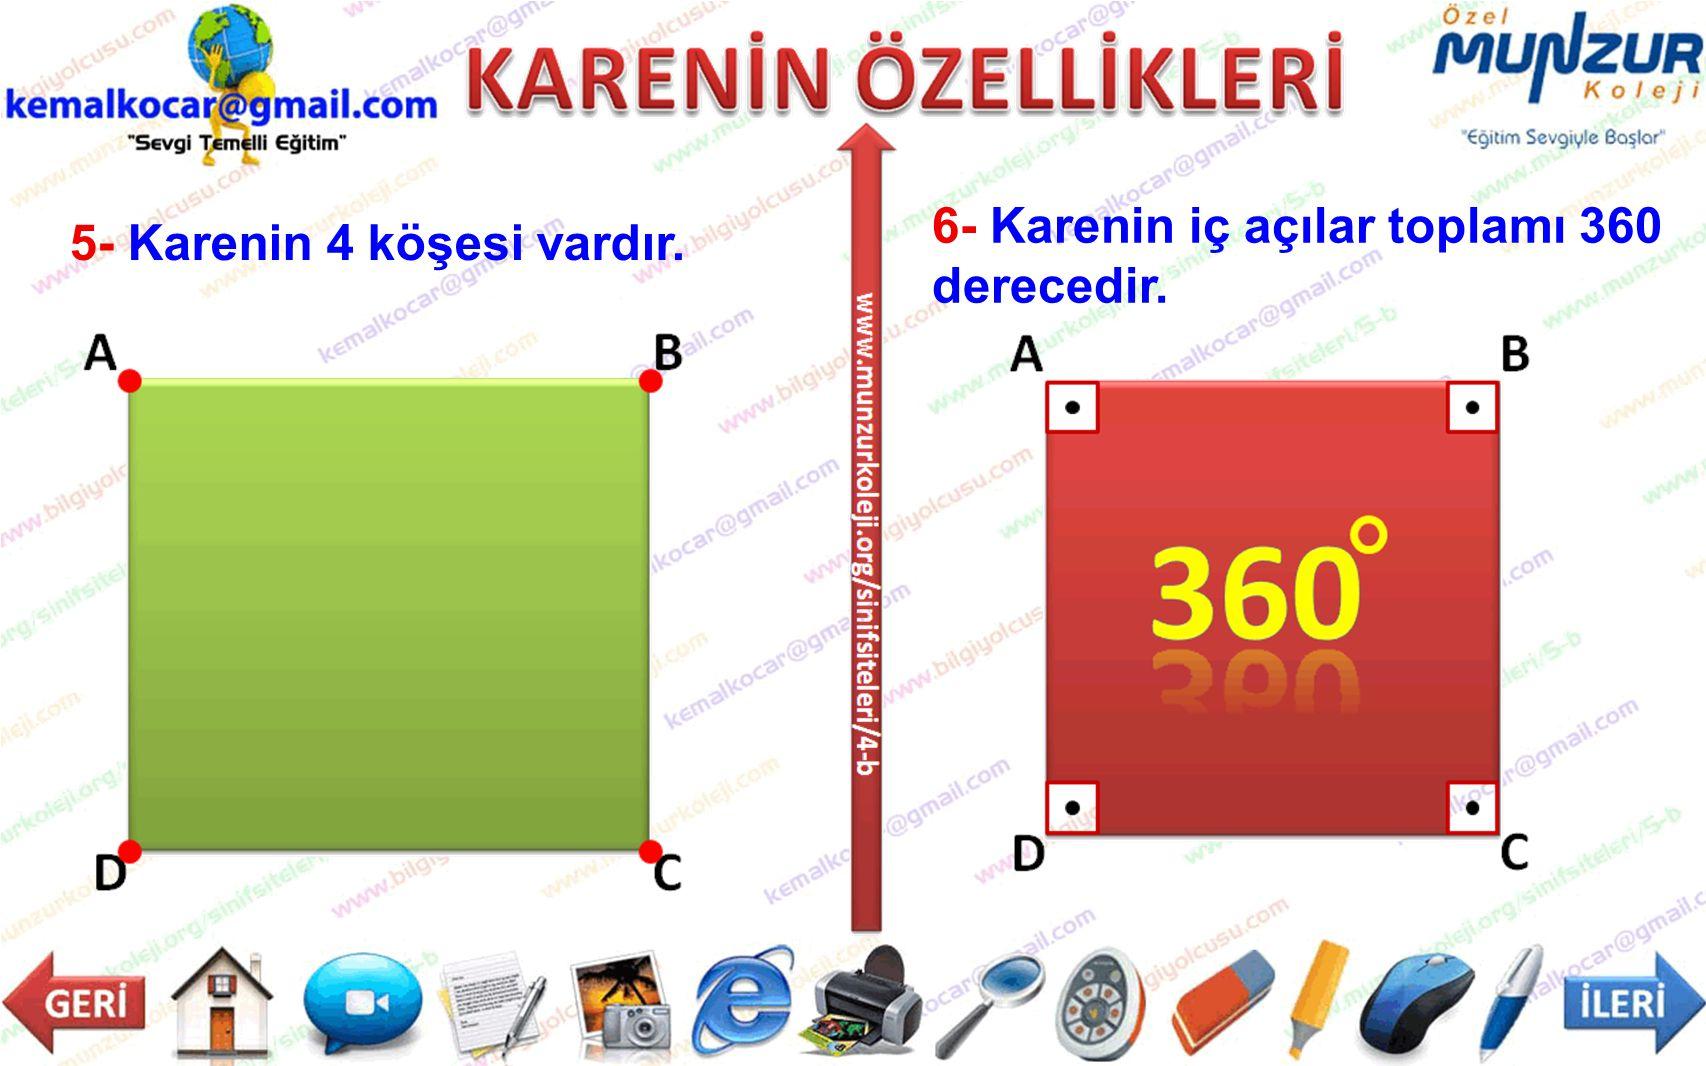 6- Karenin iç açılar toplamı 360